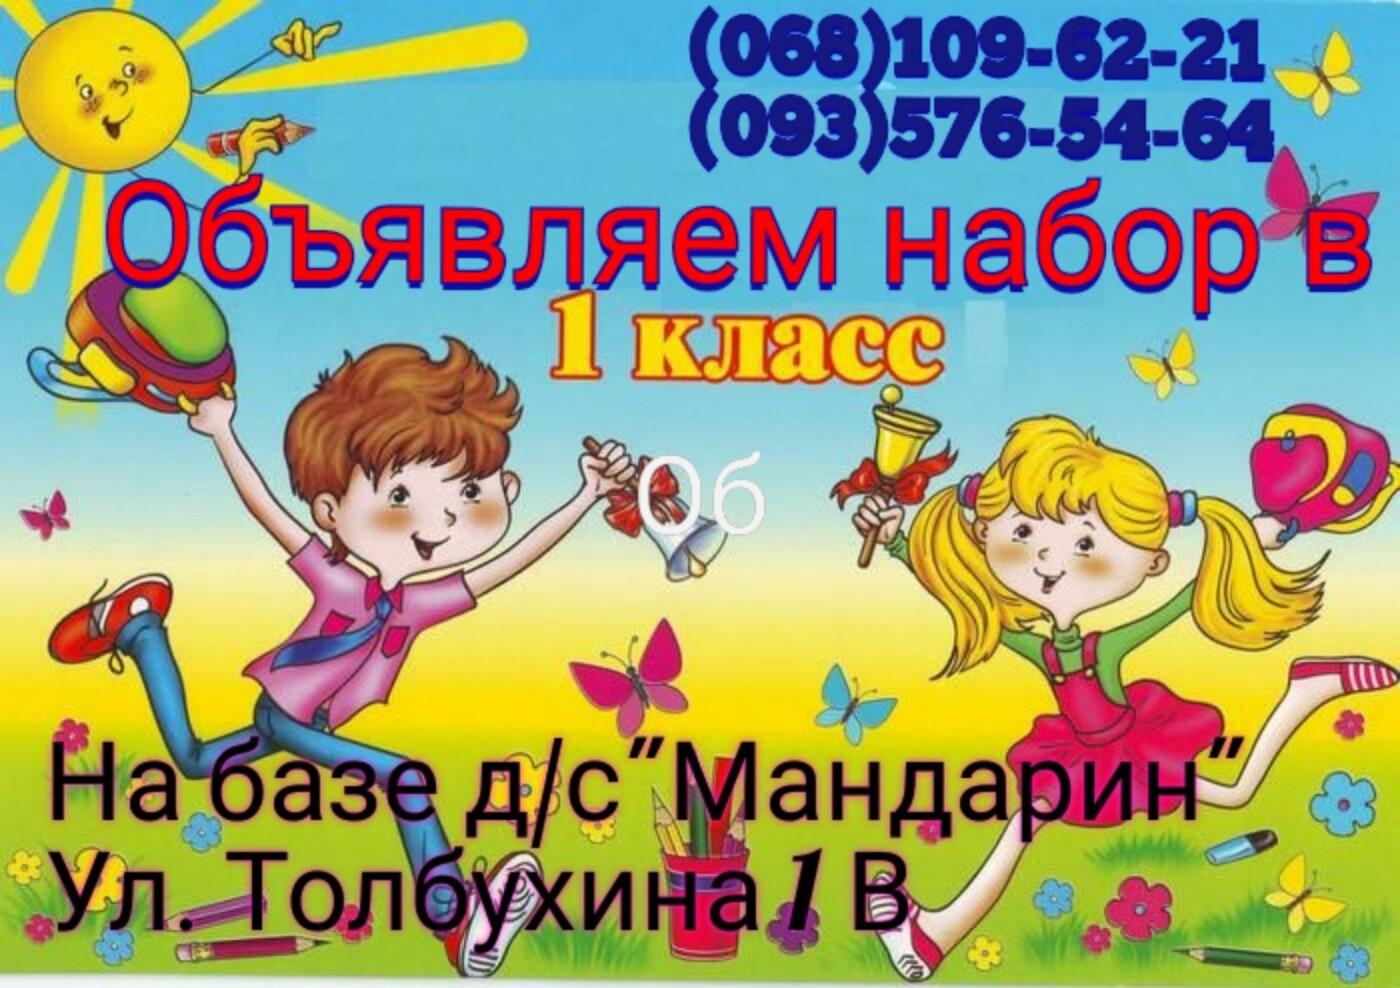 Развитие и образование ребенка в Одессе, фото-16